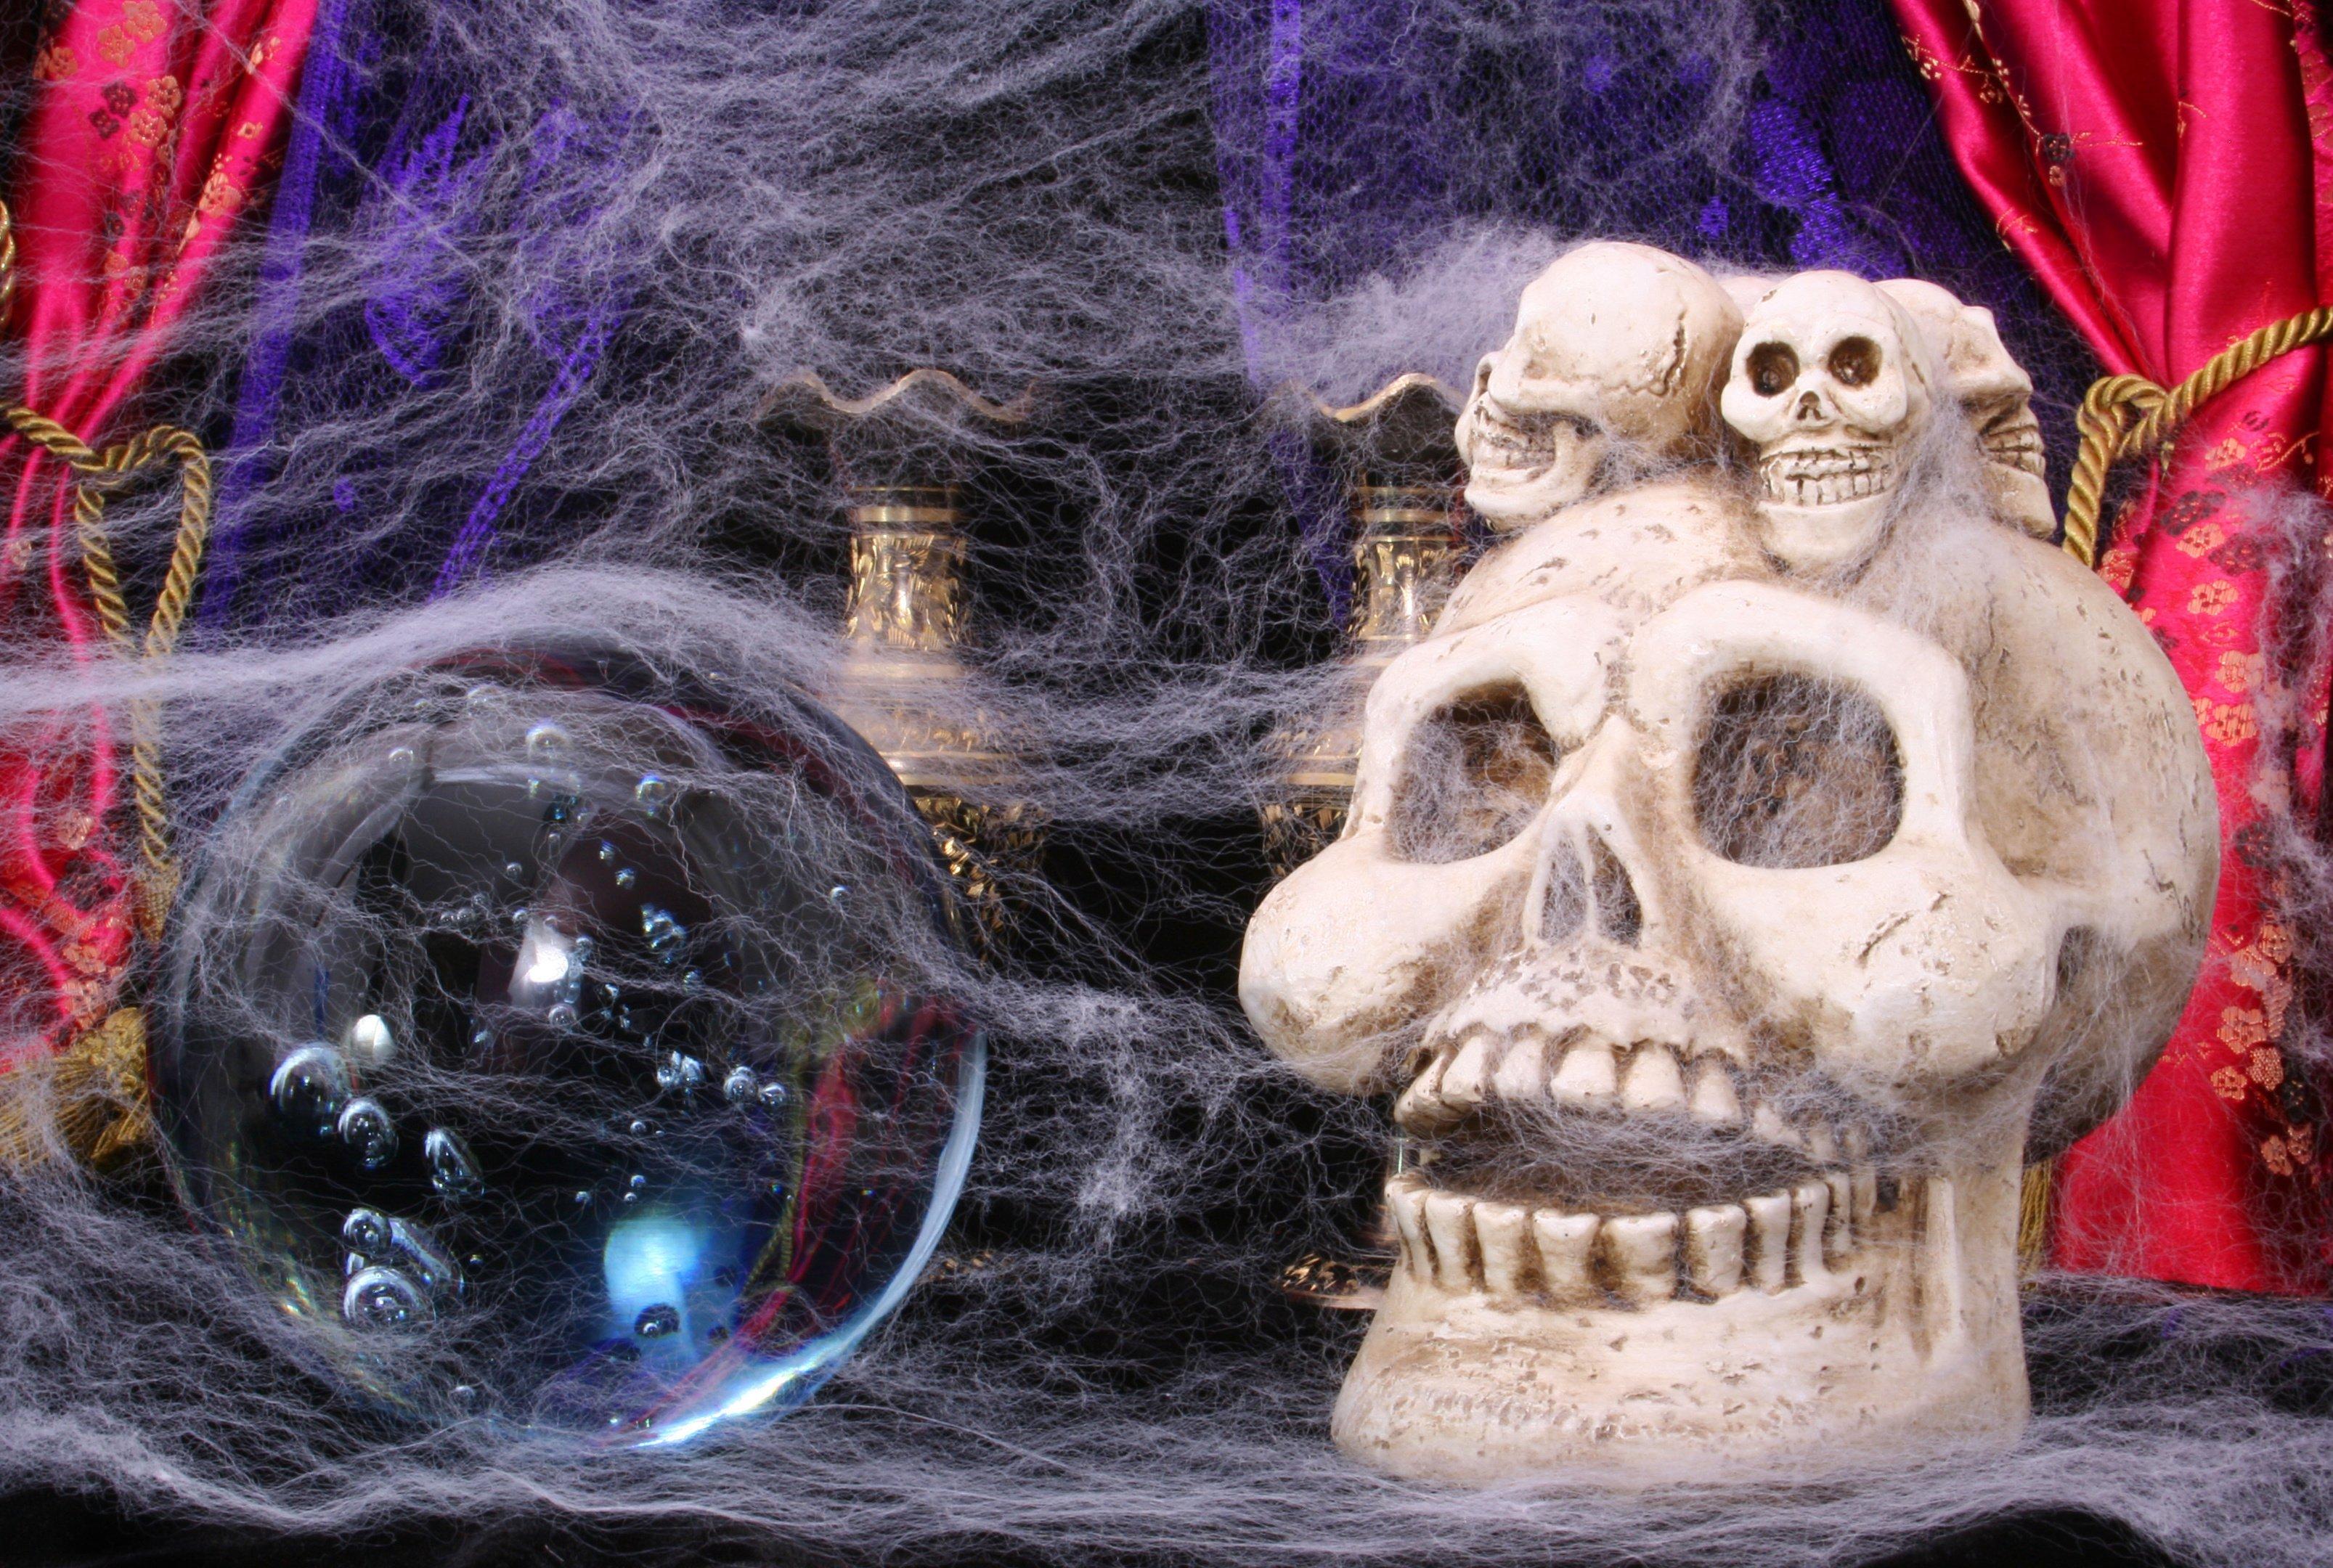 Spooky escape room props